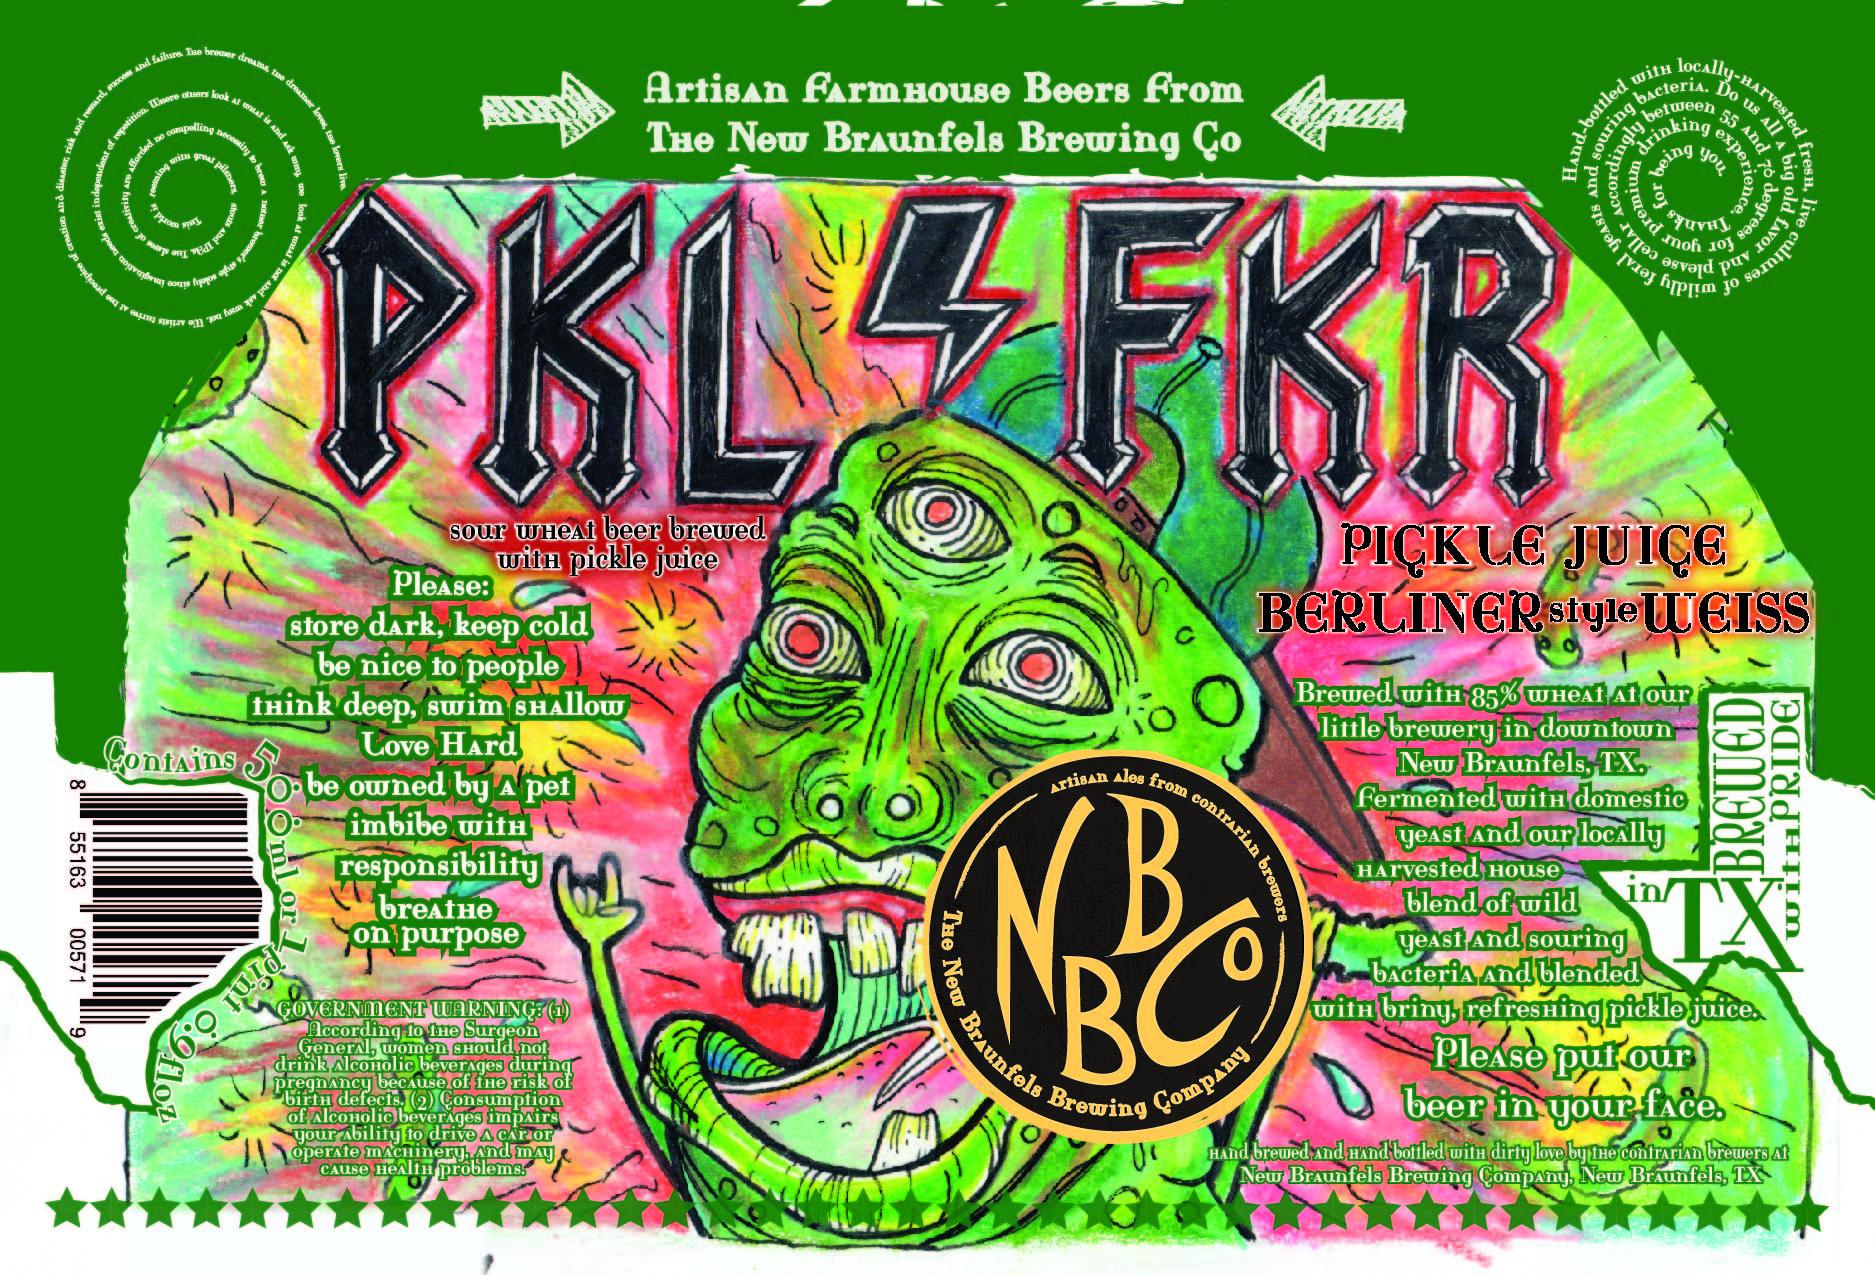 New Braunfels Brewing PKL FKR Label